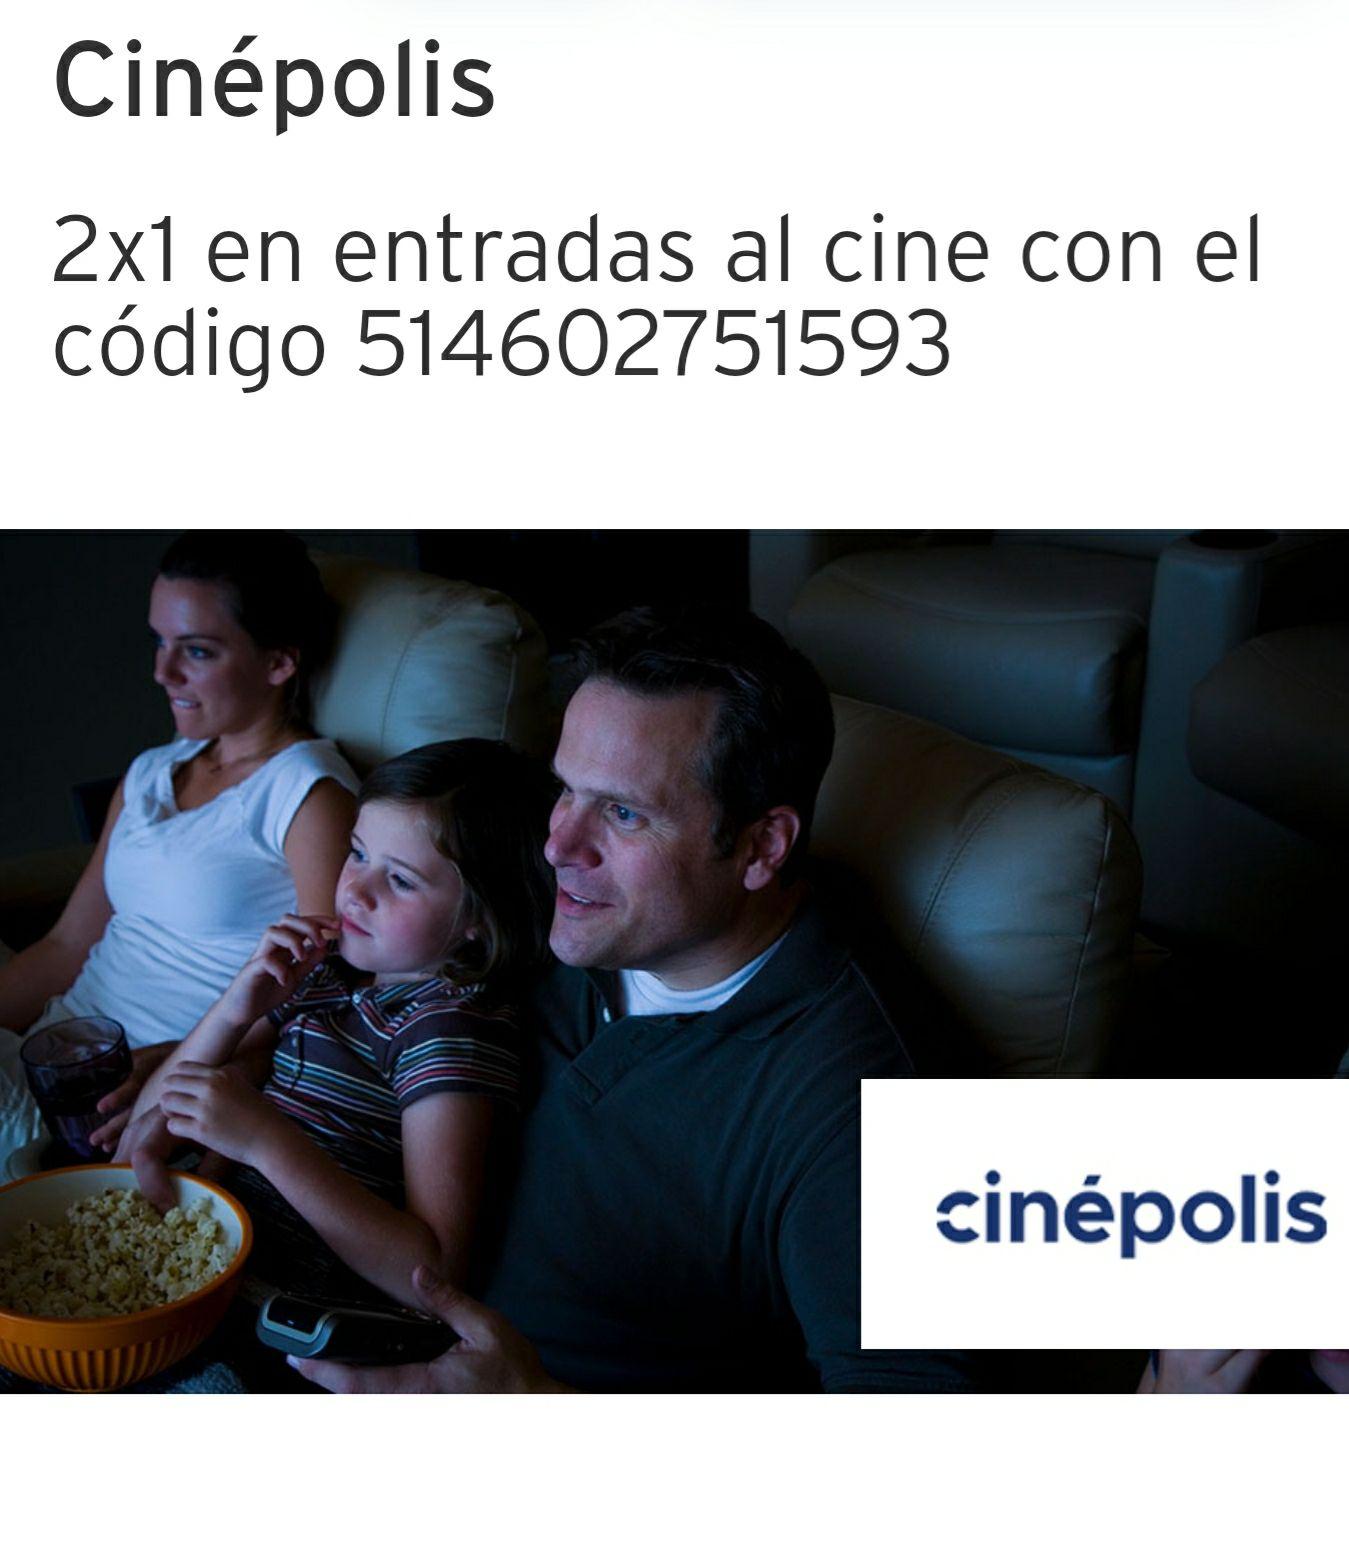 CINEPOLIS: 2X1 EN ENTRADAS PAGANDO CON TDC CITIBANAMEX